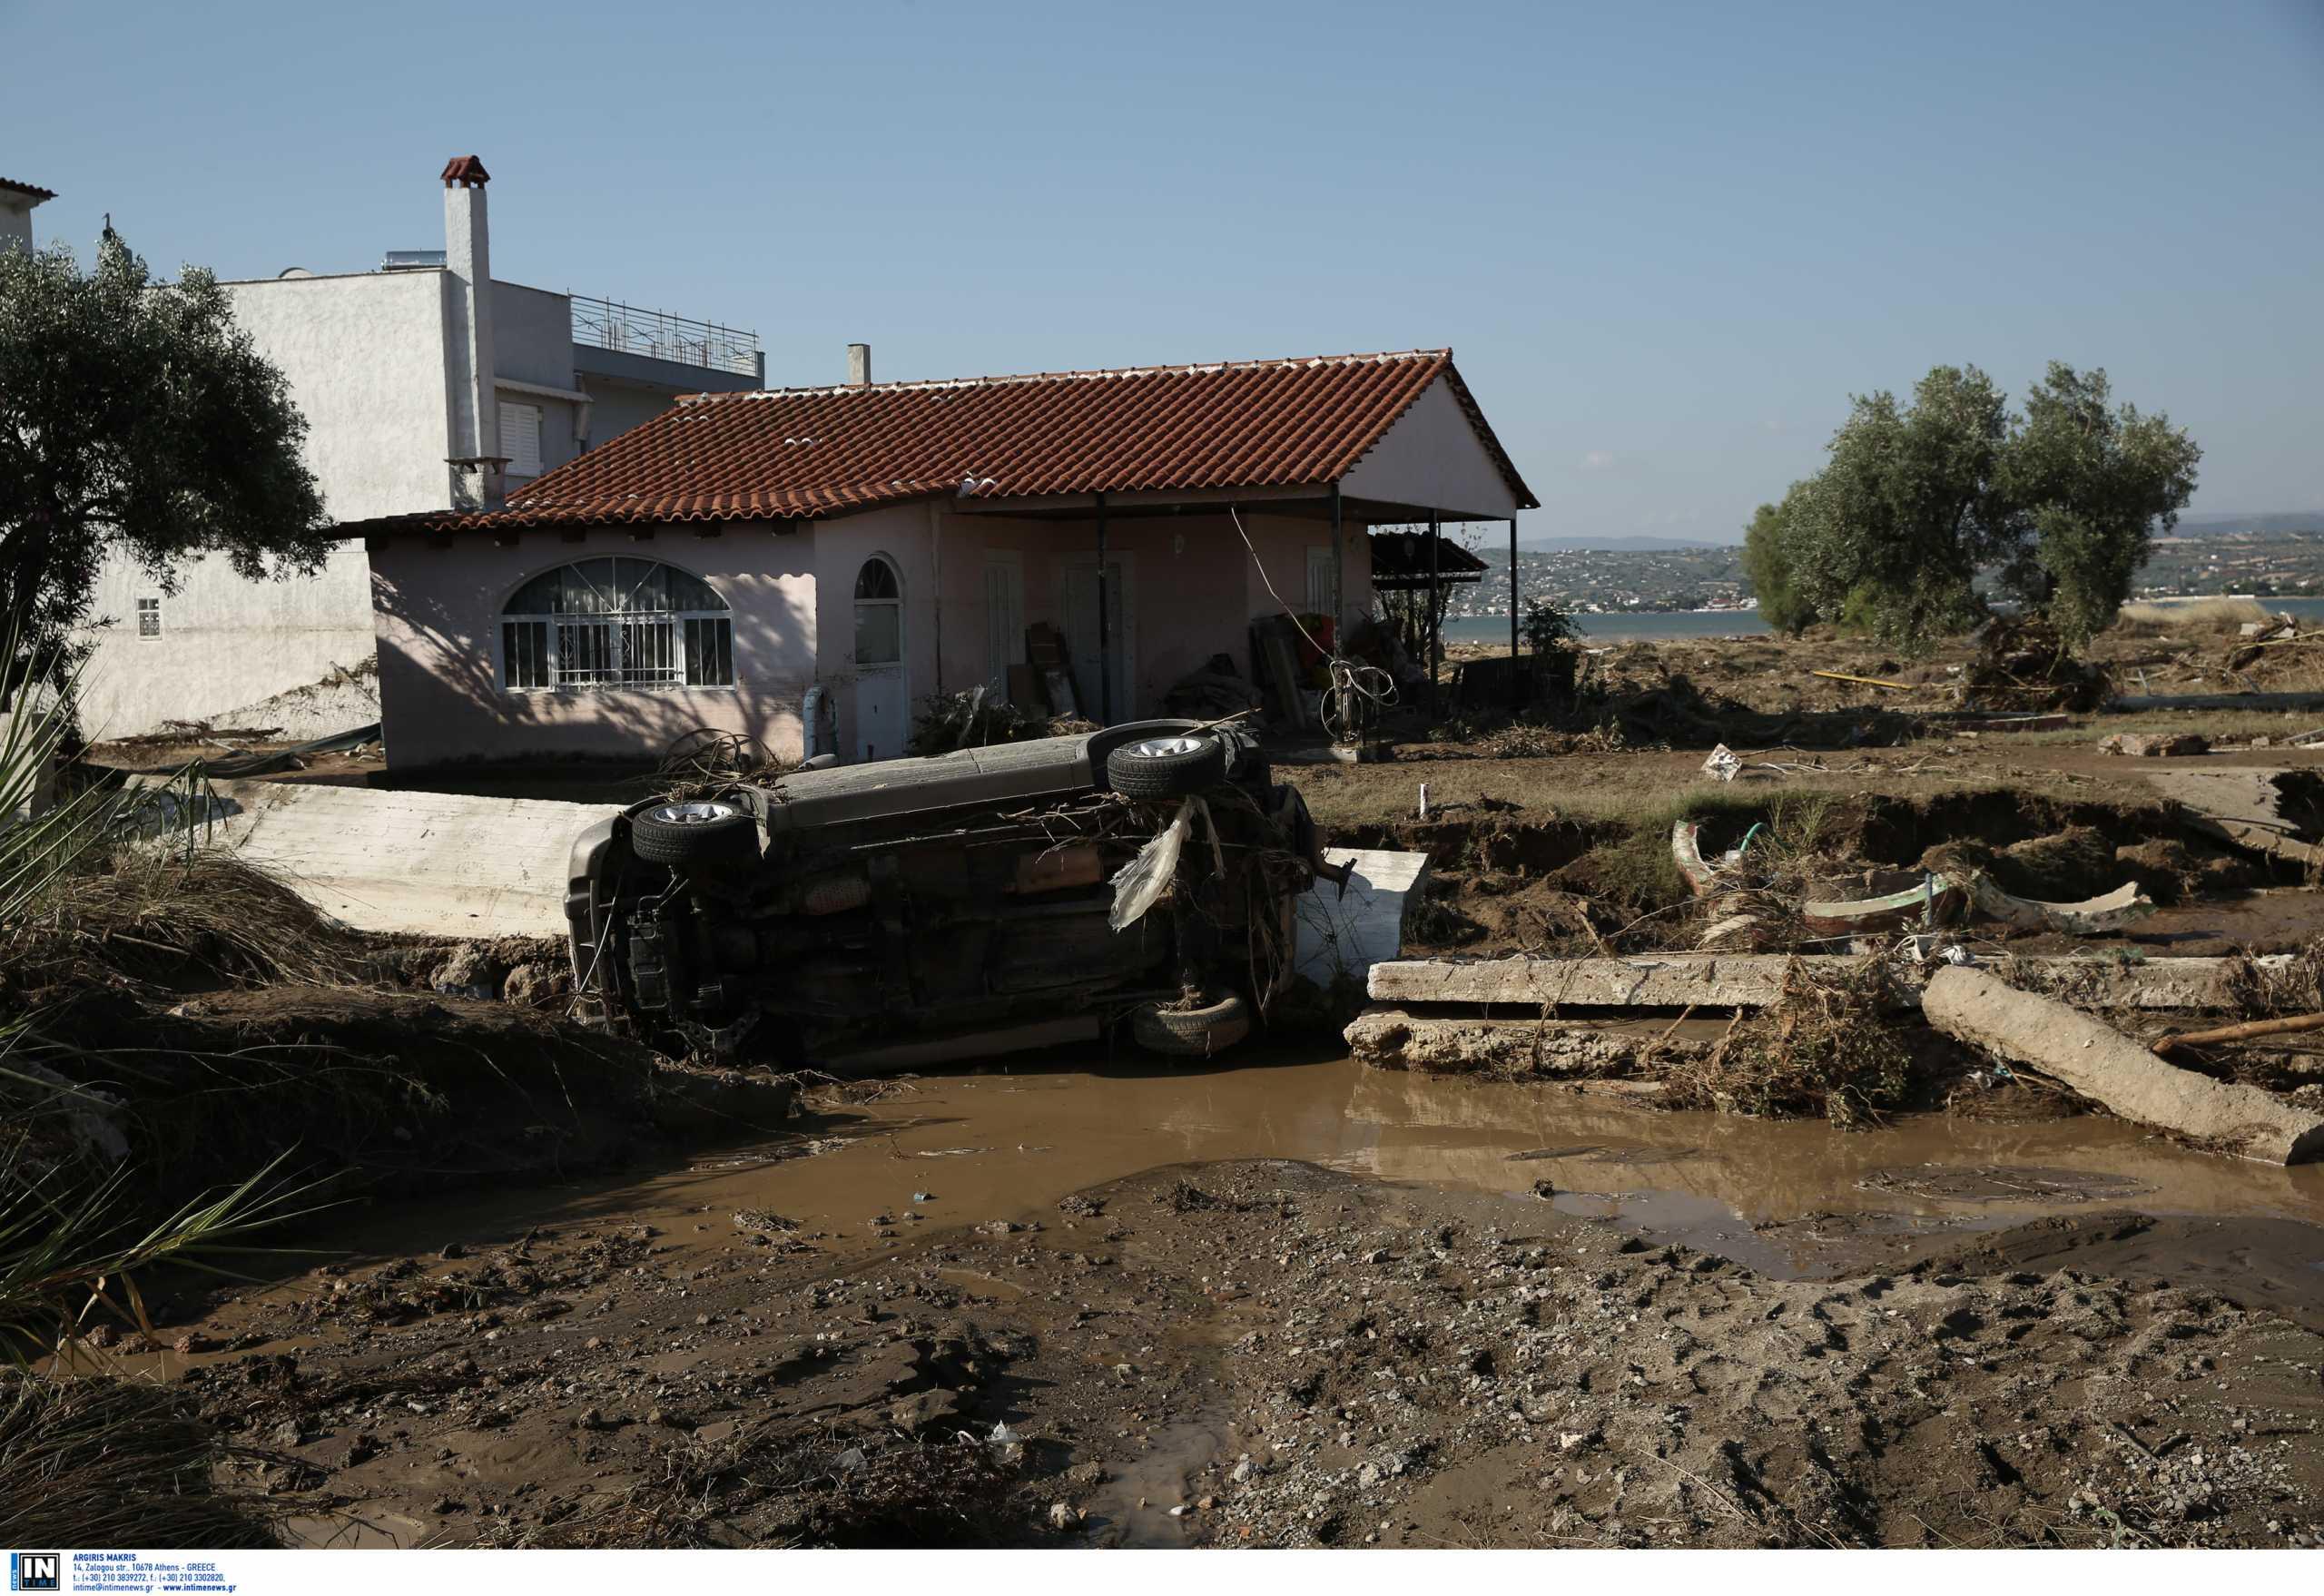 ΕΕ: Χρηματοδότηση 35,9 εκατ. ευρώ στην Ελλάδα - Ποιους πληγέντες φυσικών καταστροφών αφορά